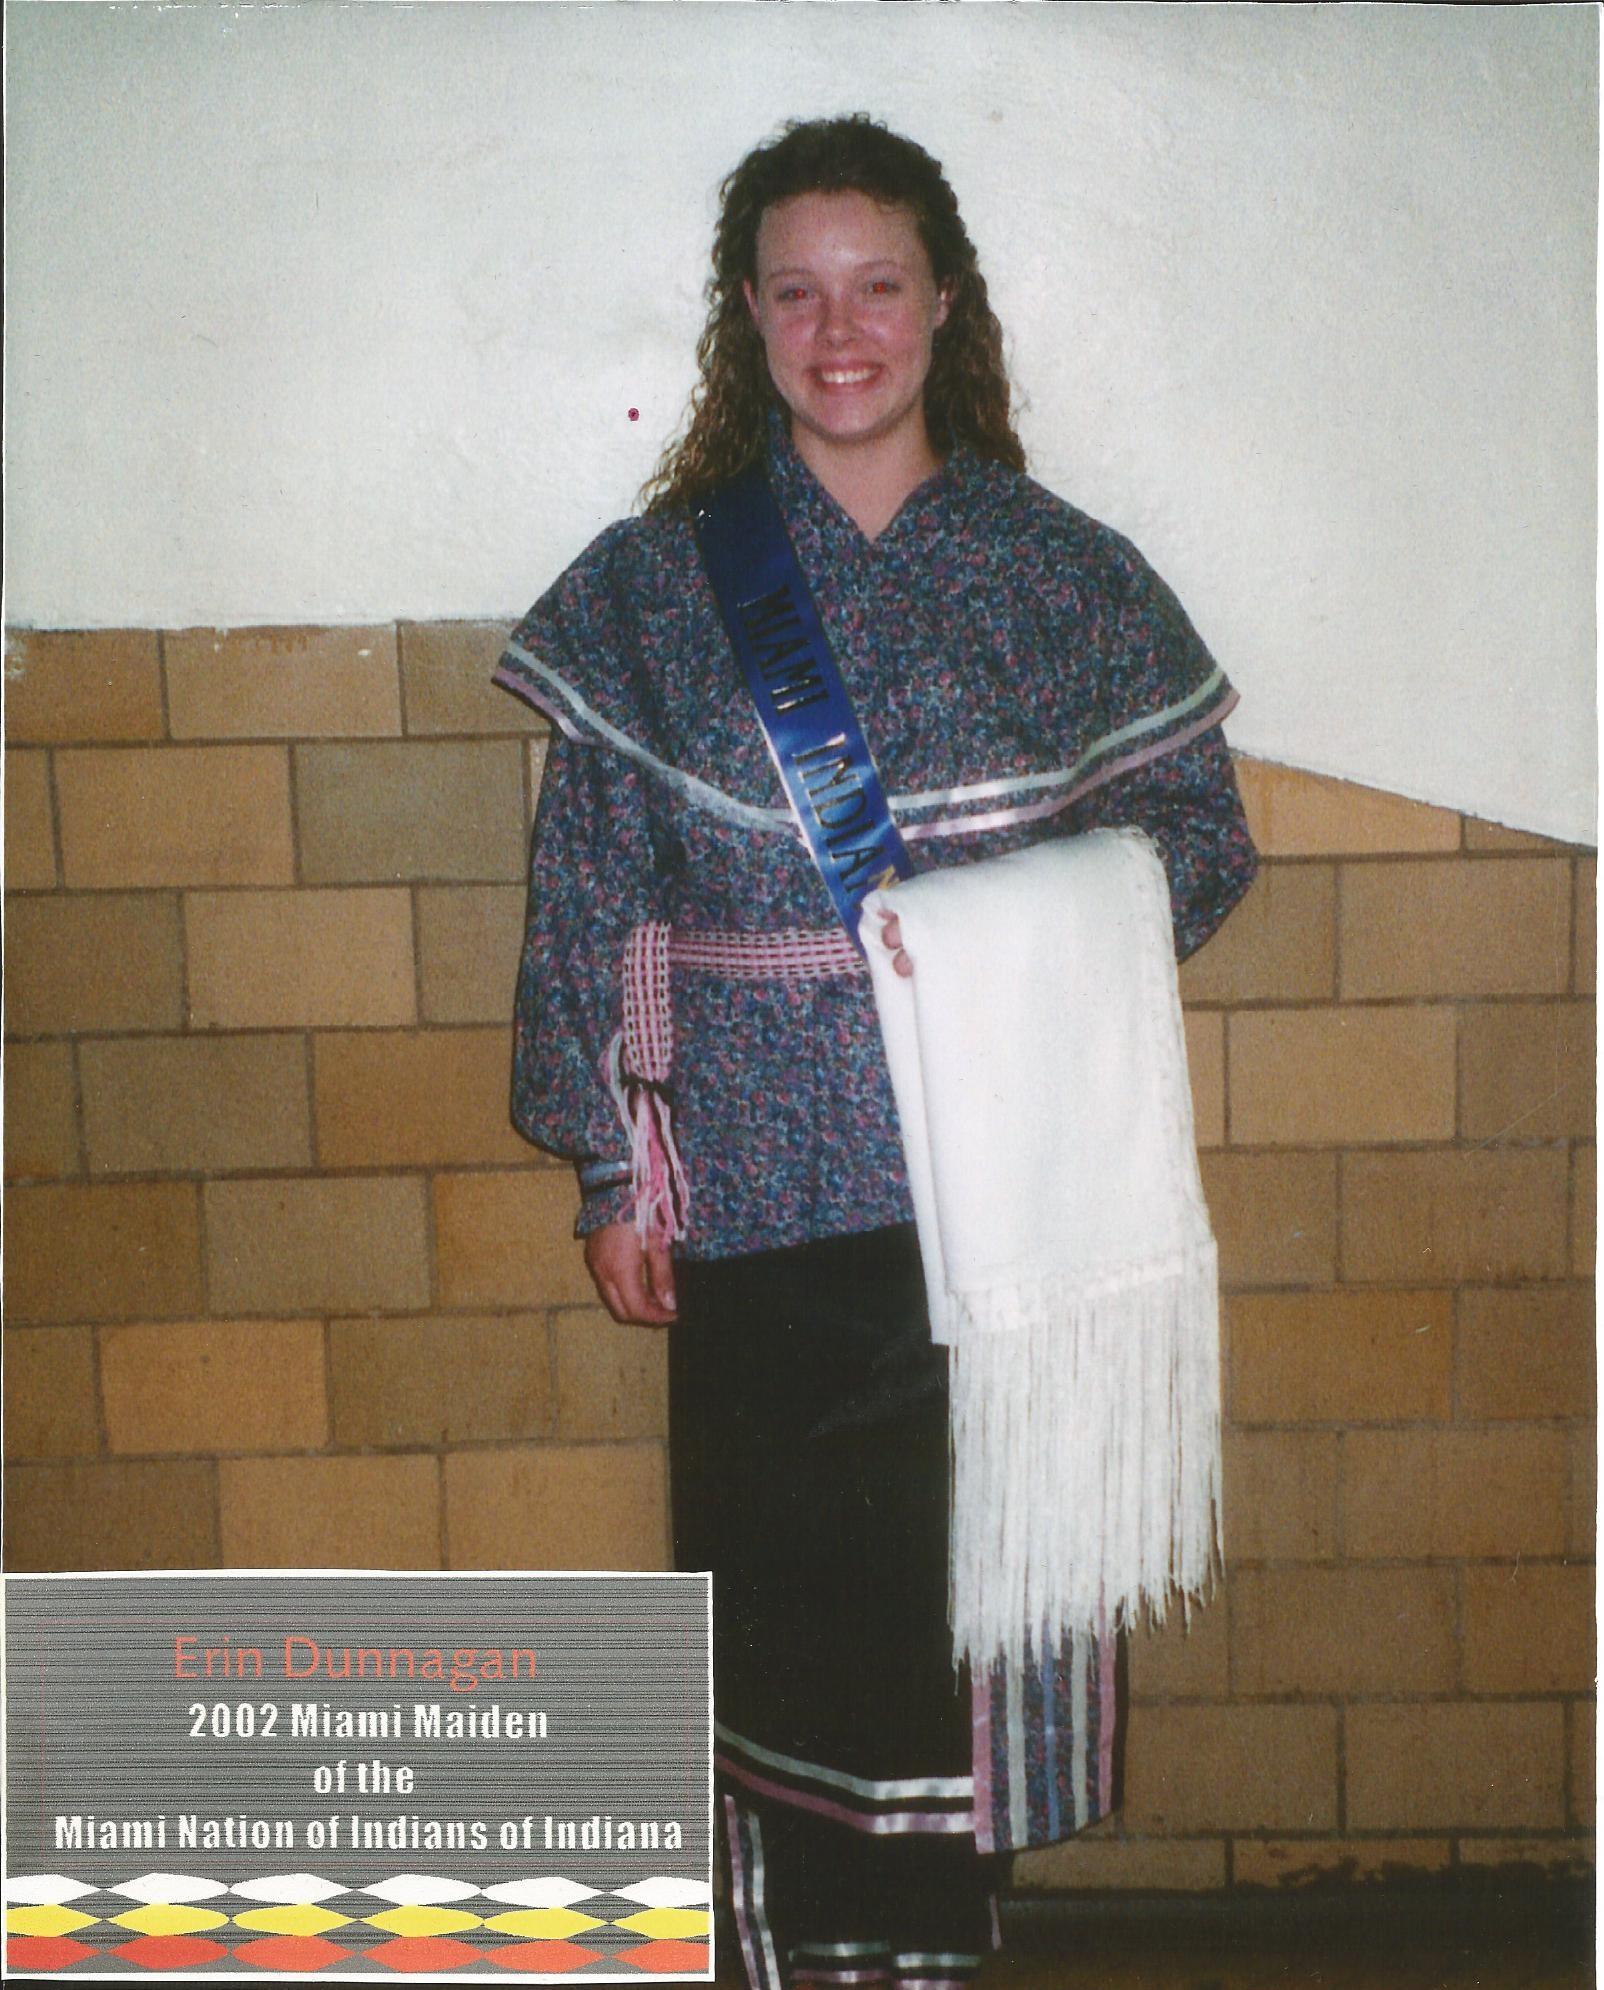 Miss Erin Dunnagan - Miss Miami Maiden 2002